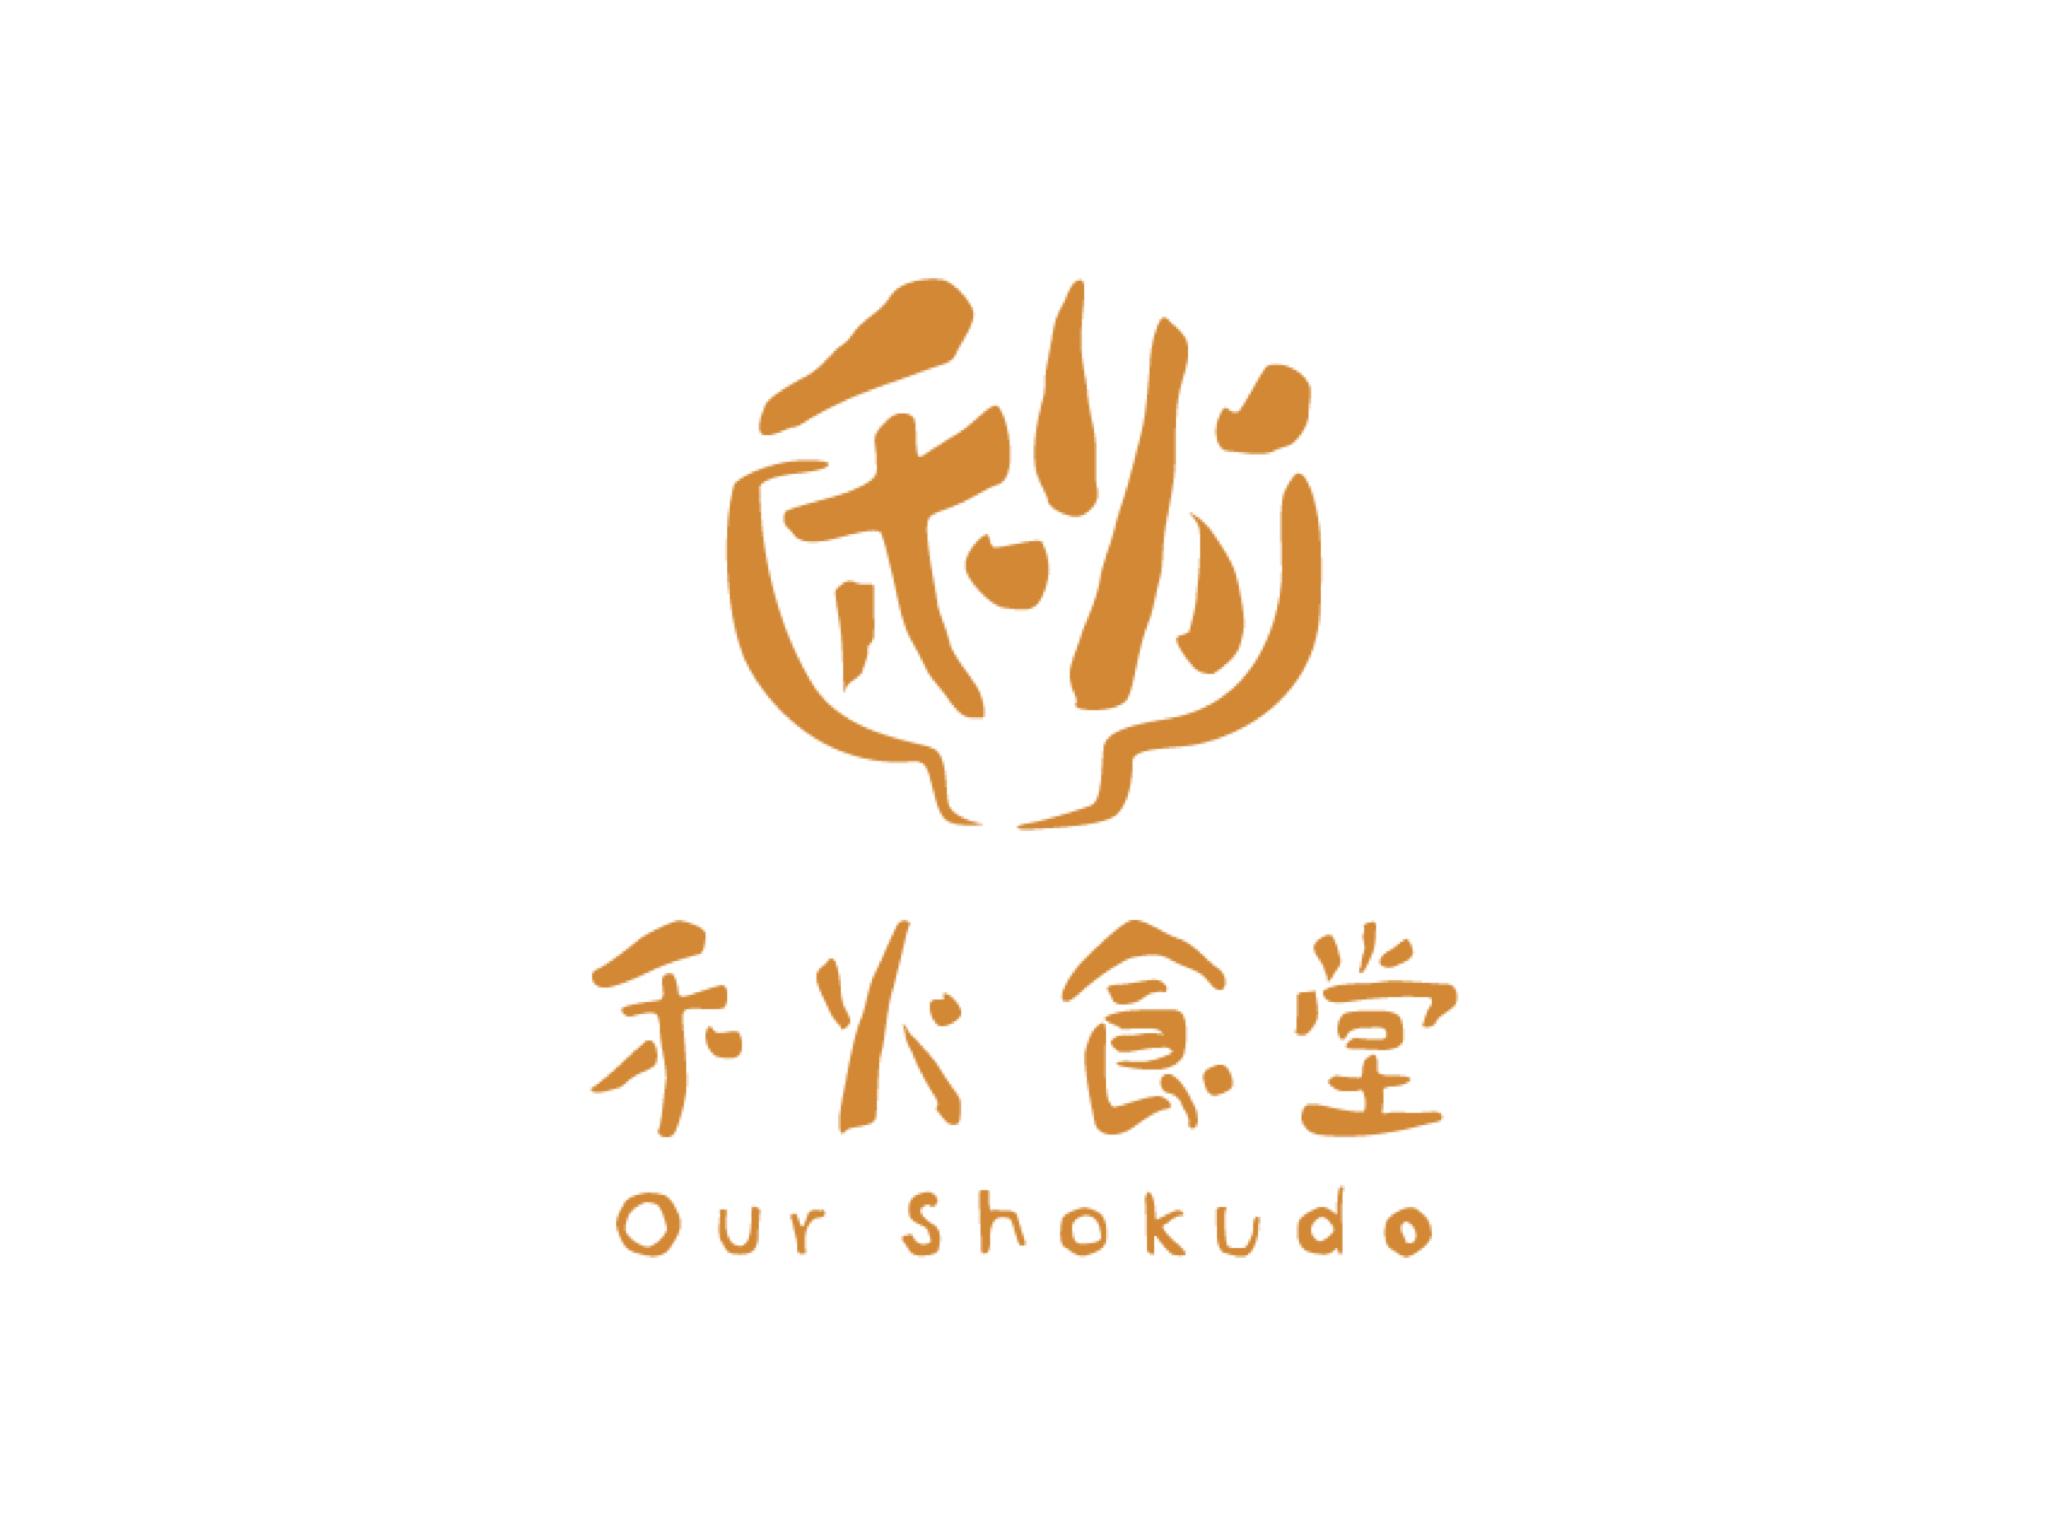 禾火食堂|日式丼飯、社區廚房、鹿港友善環境店家